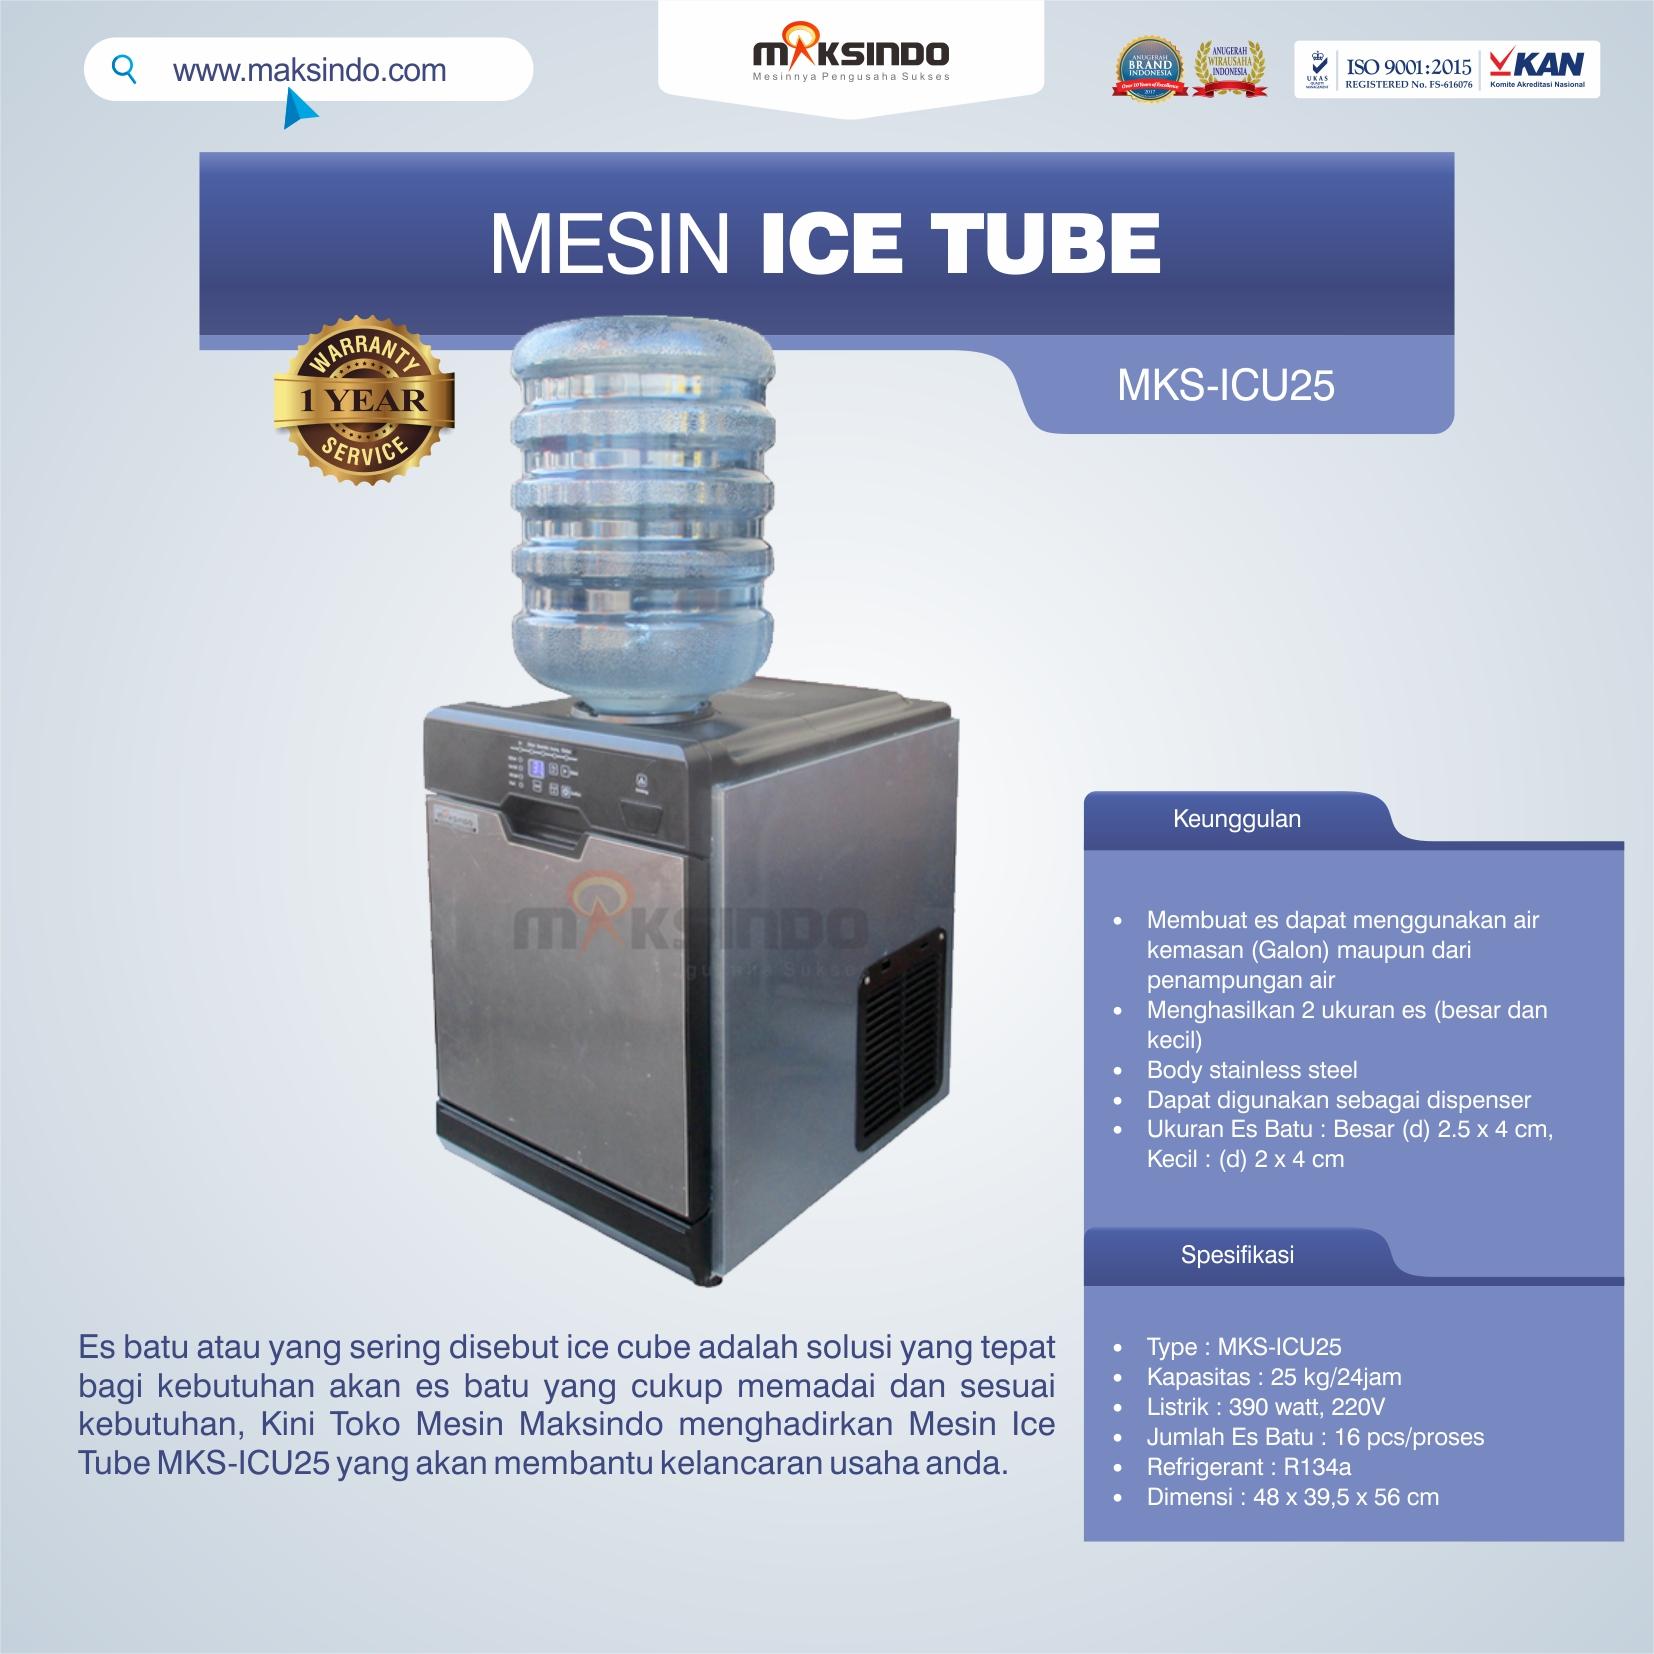 Jual Mesin Ice Tube MKS-ICU25 di Semarang